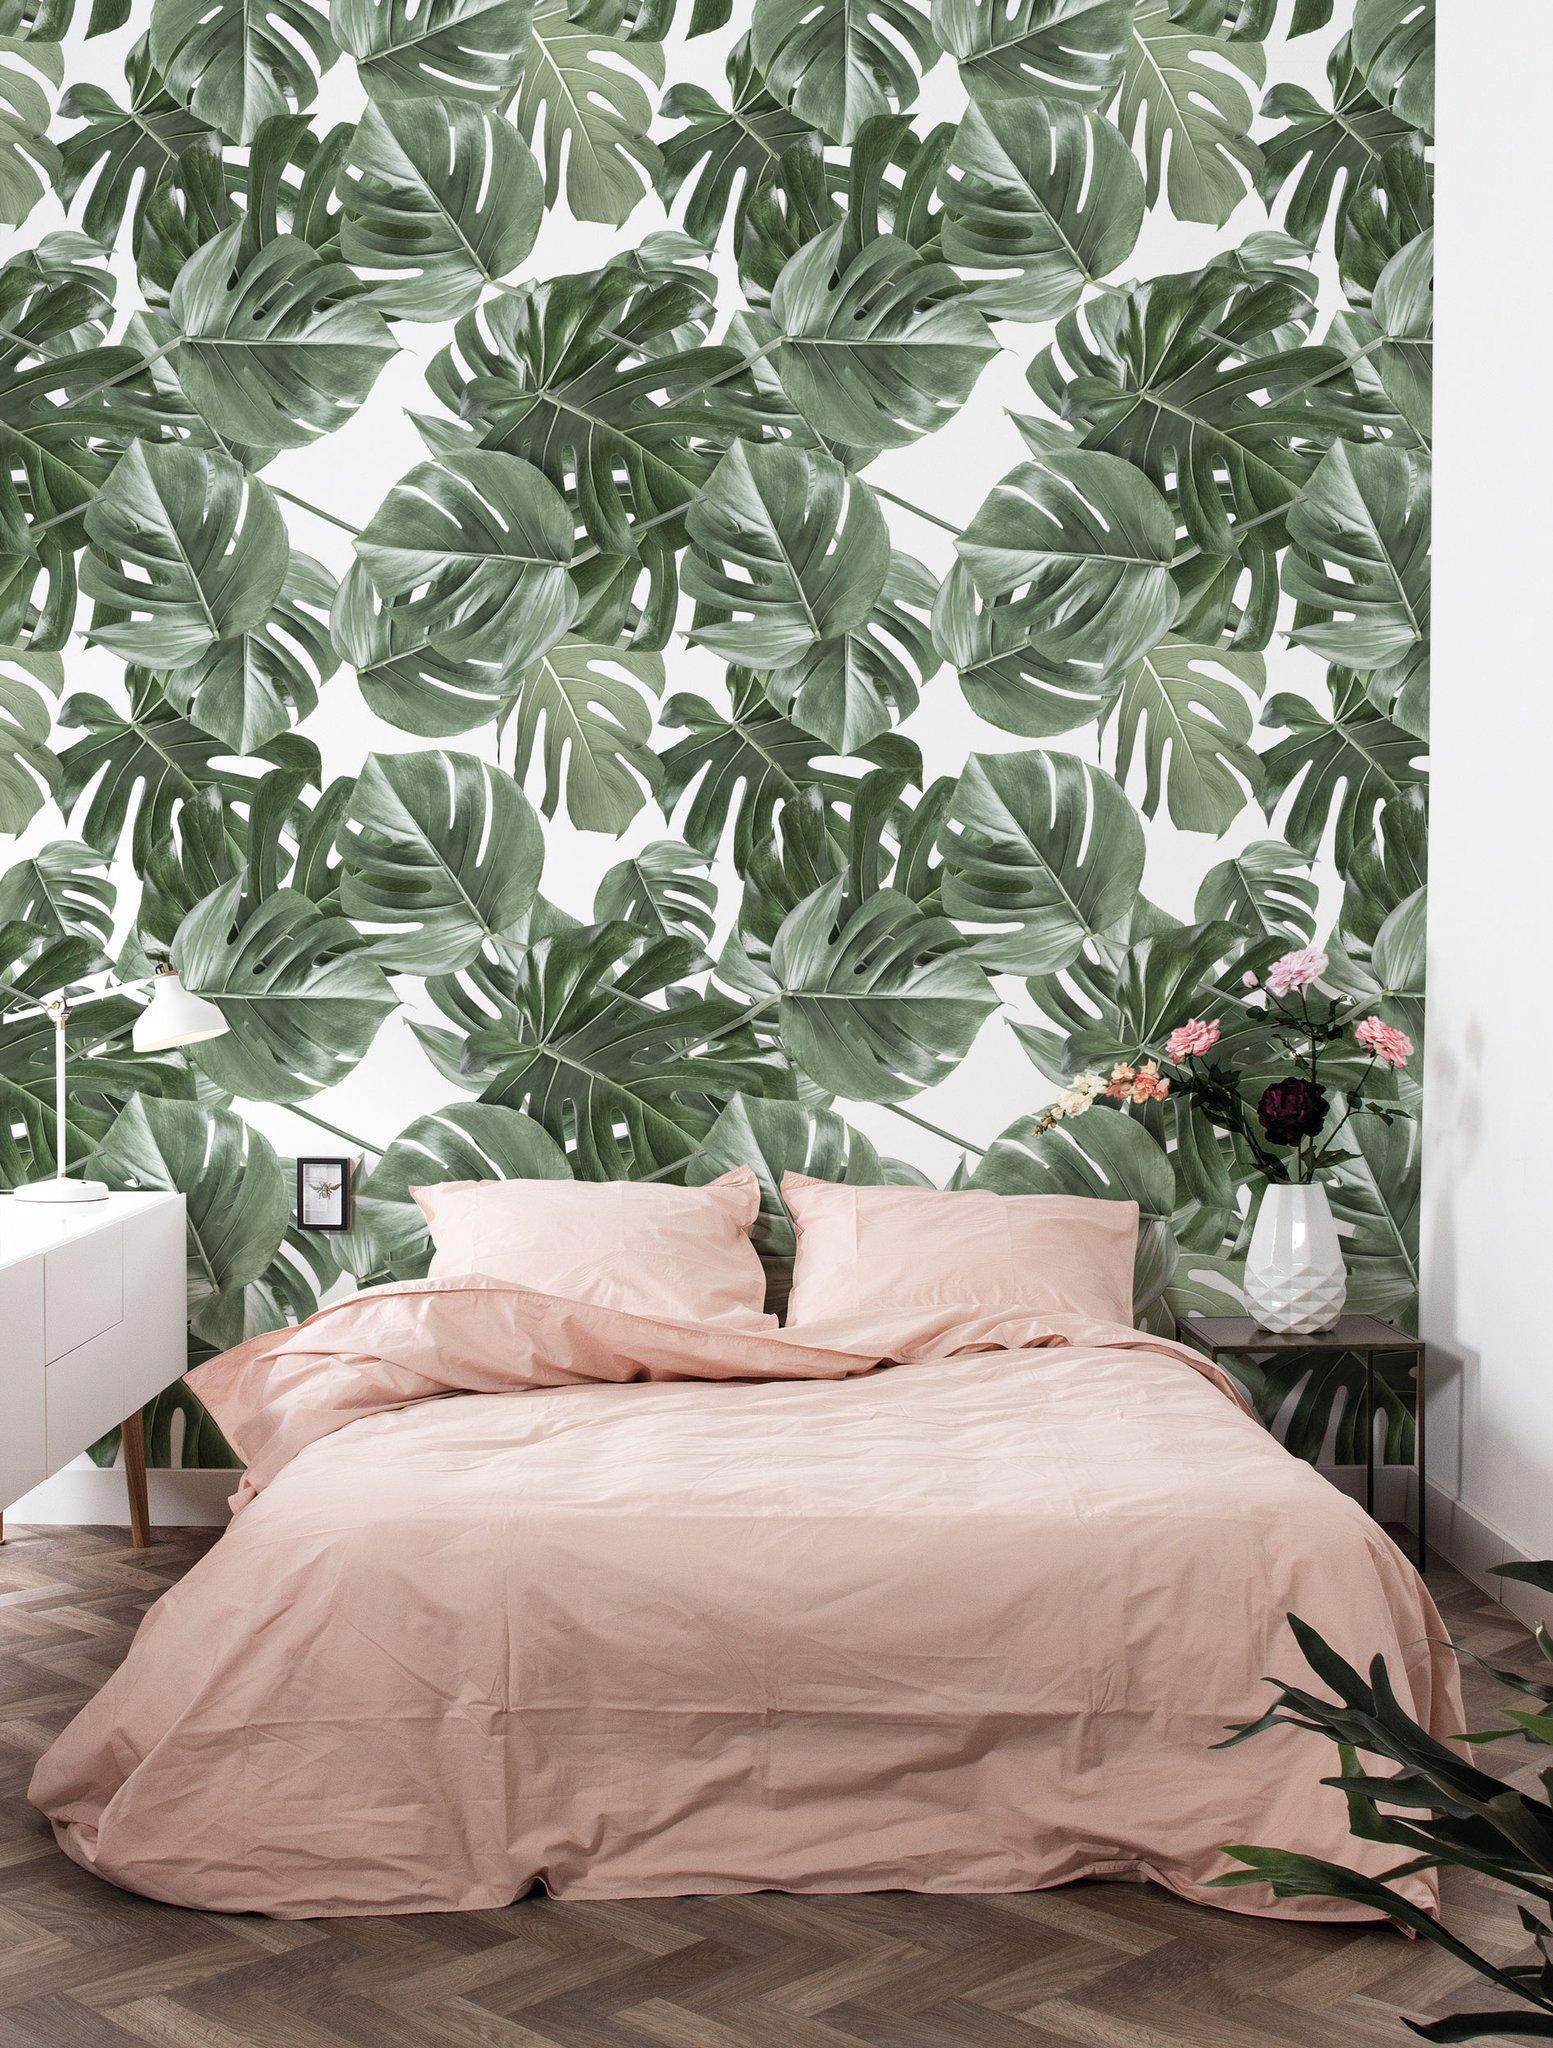 Botanical Wallpaper Monstera White by KEK Amsterdam BURKE DECOR 1553x2048